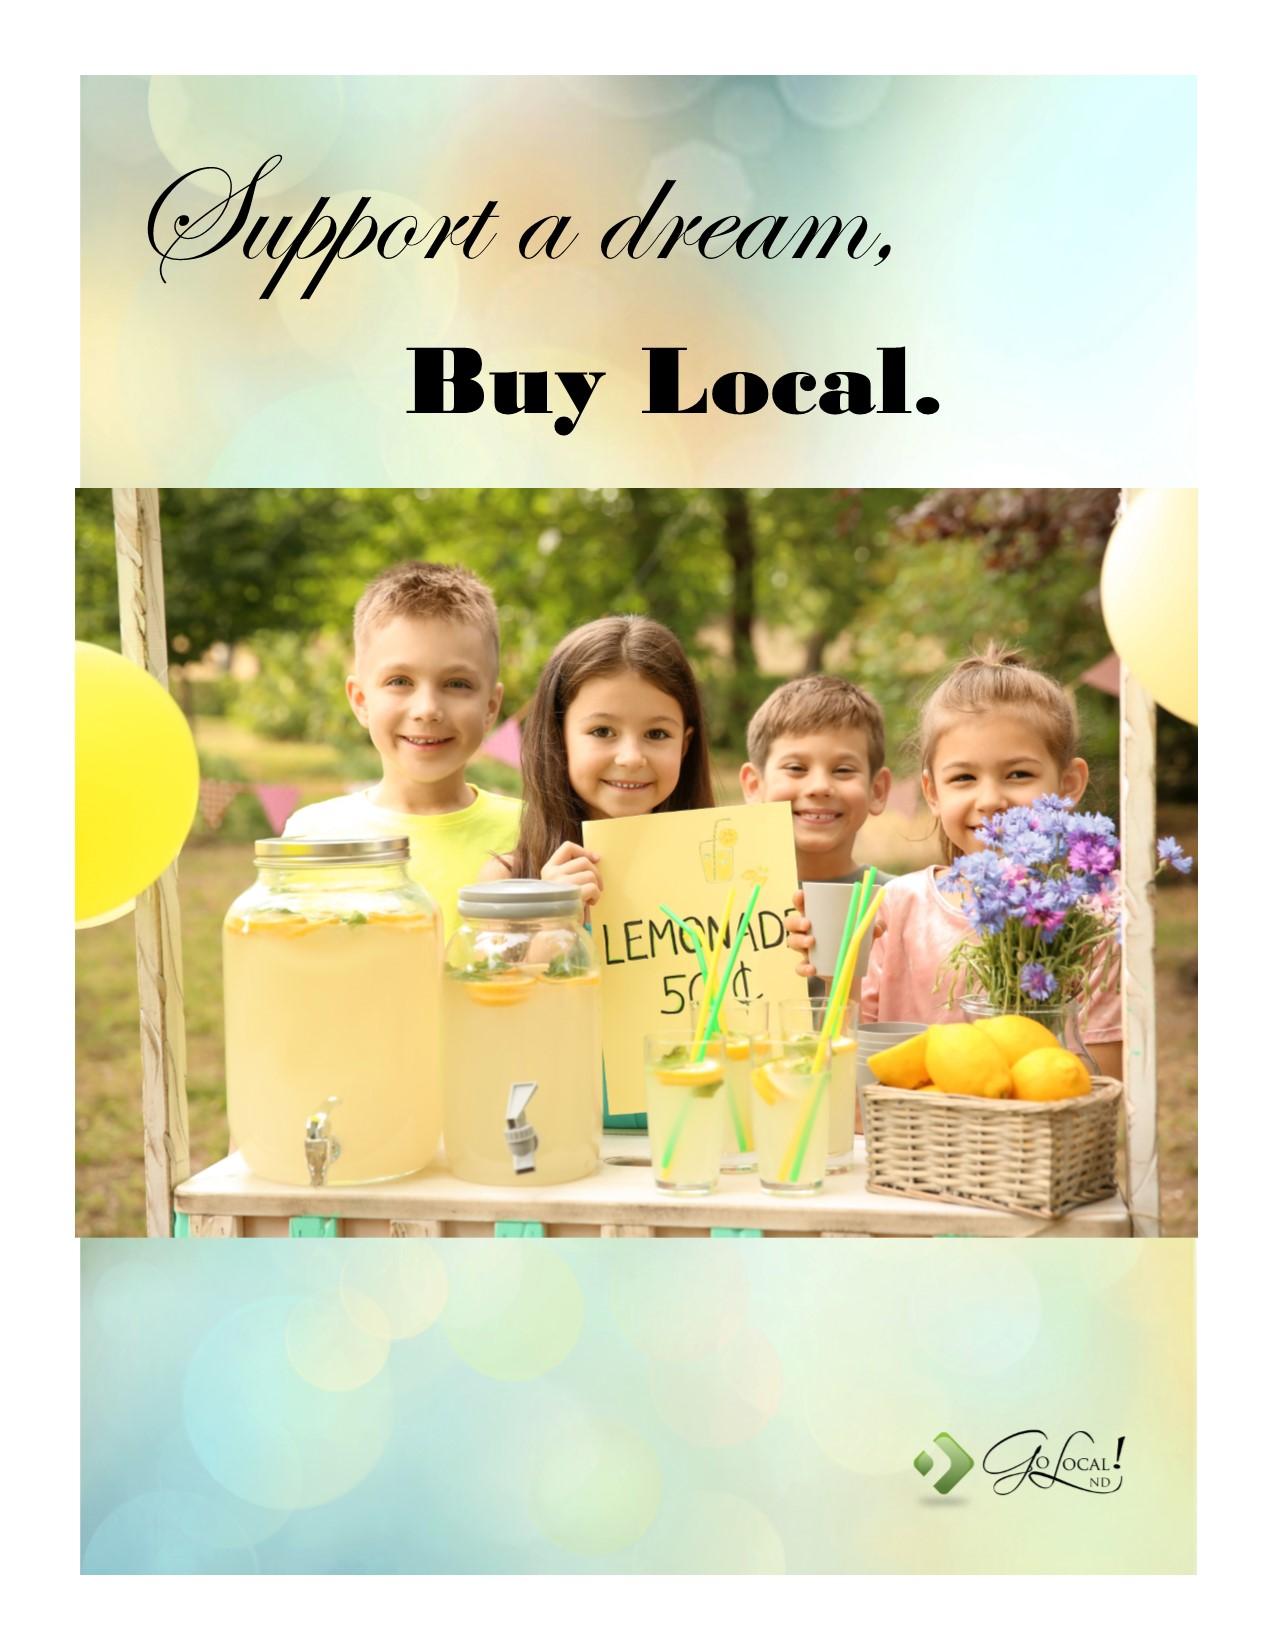 support a dream JPEG.jpg